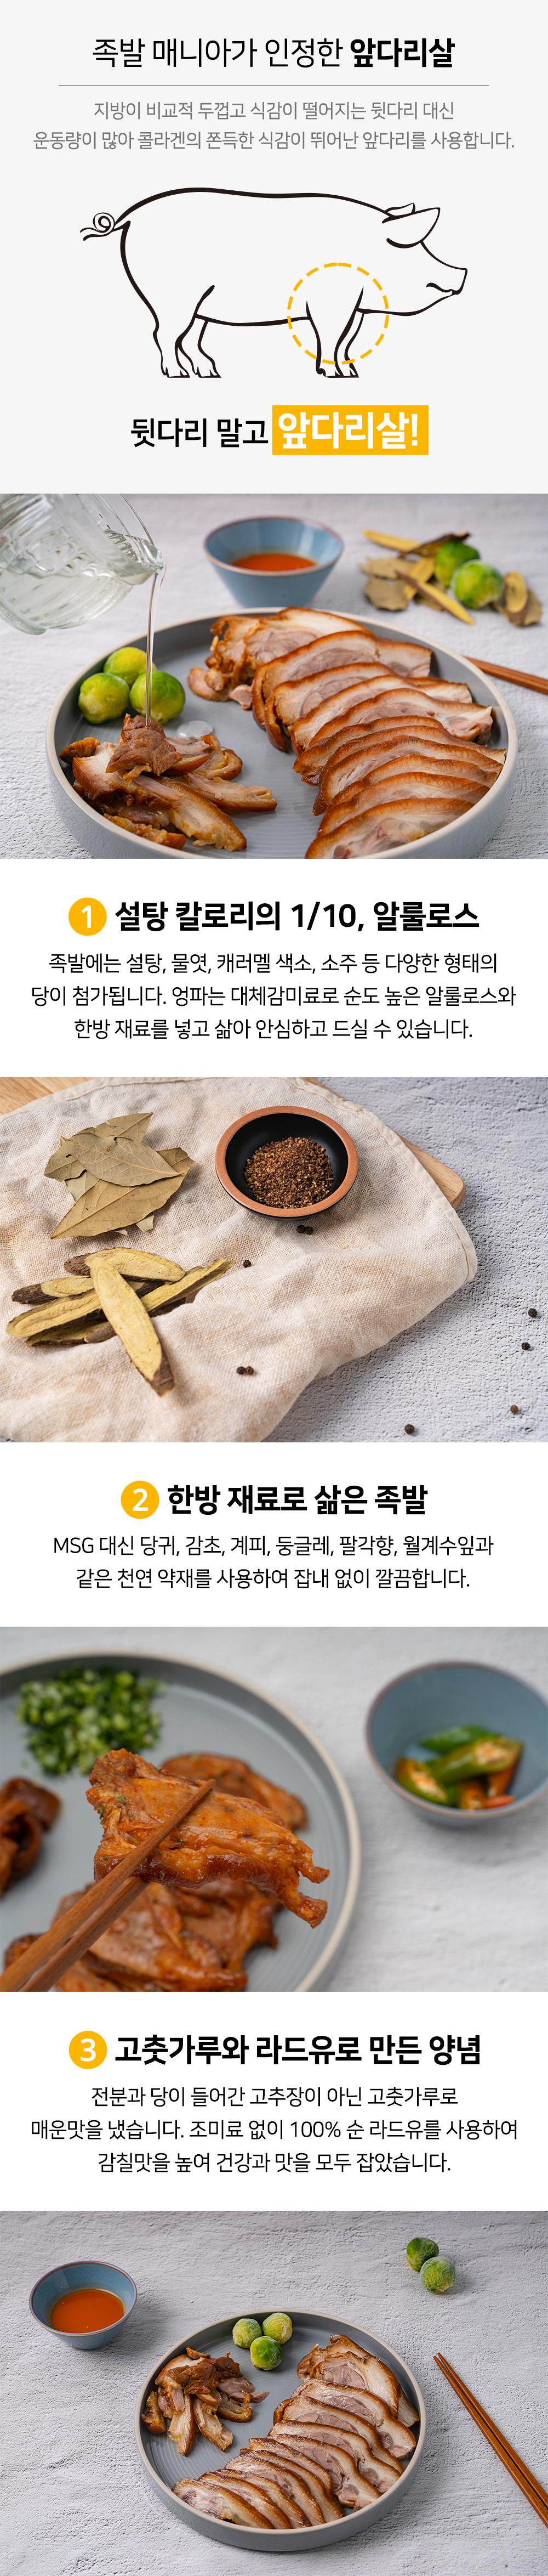 무뼈,매콤족발3.jpg